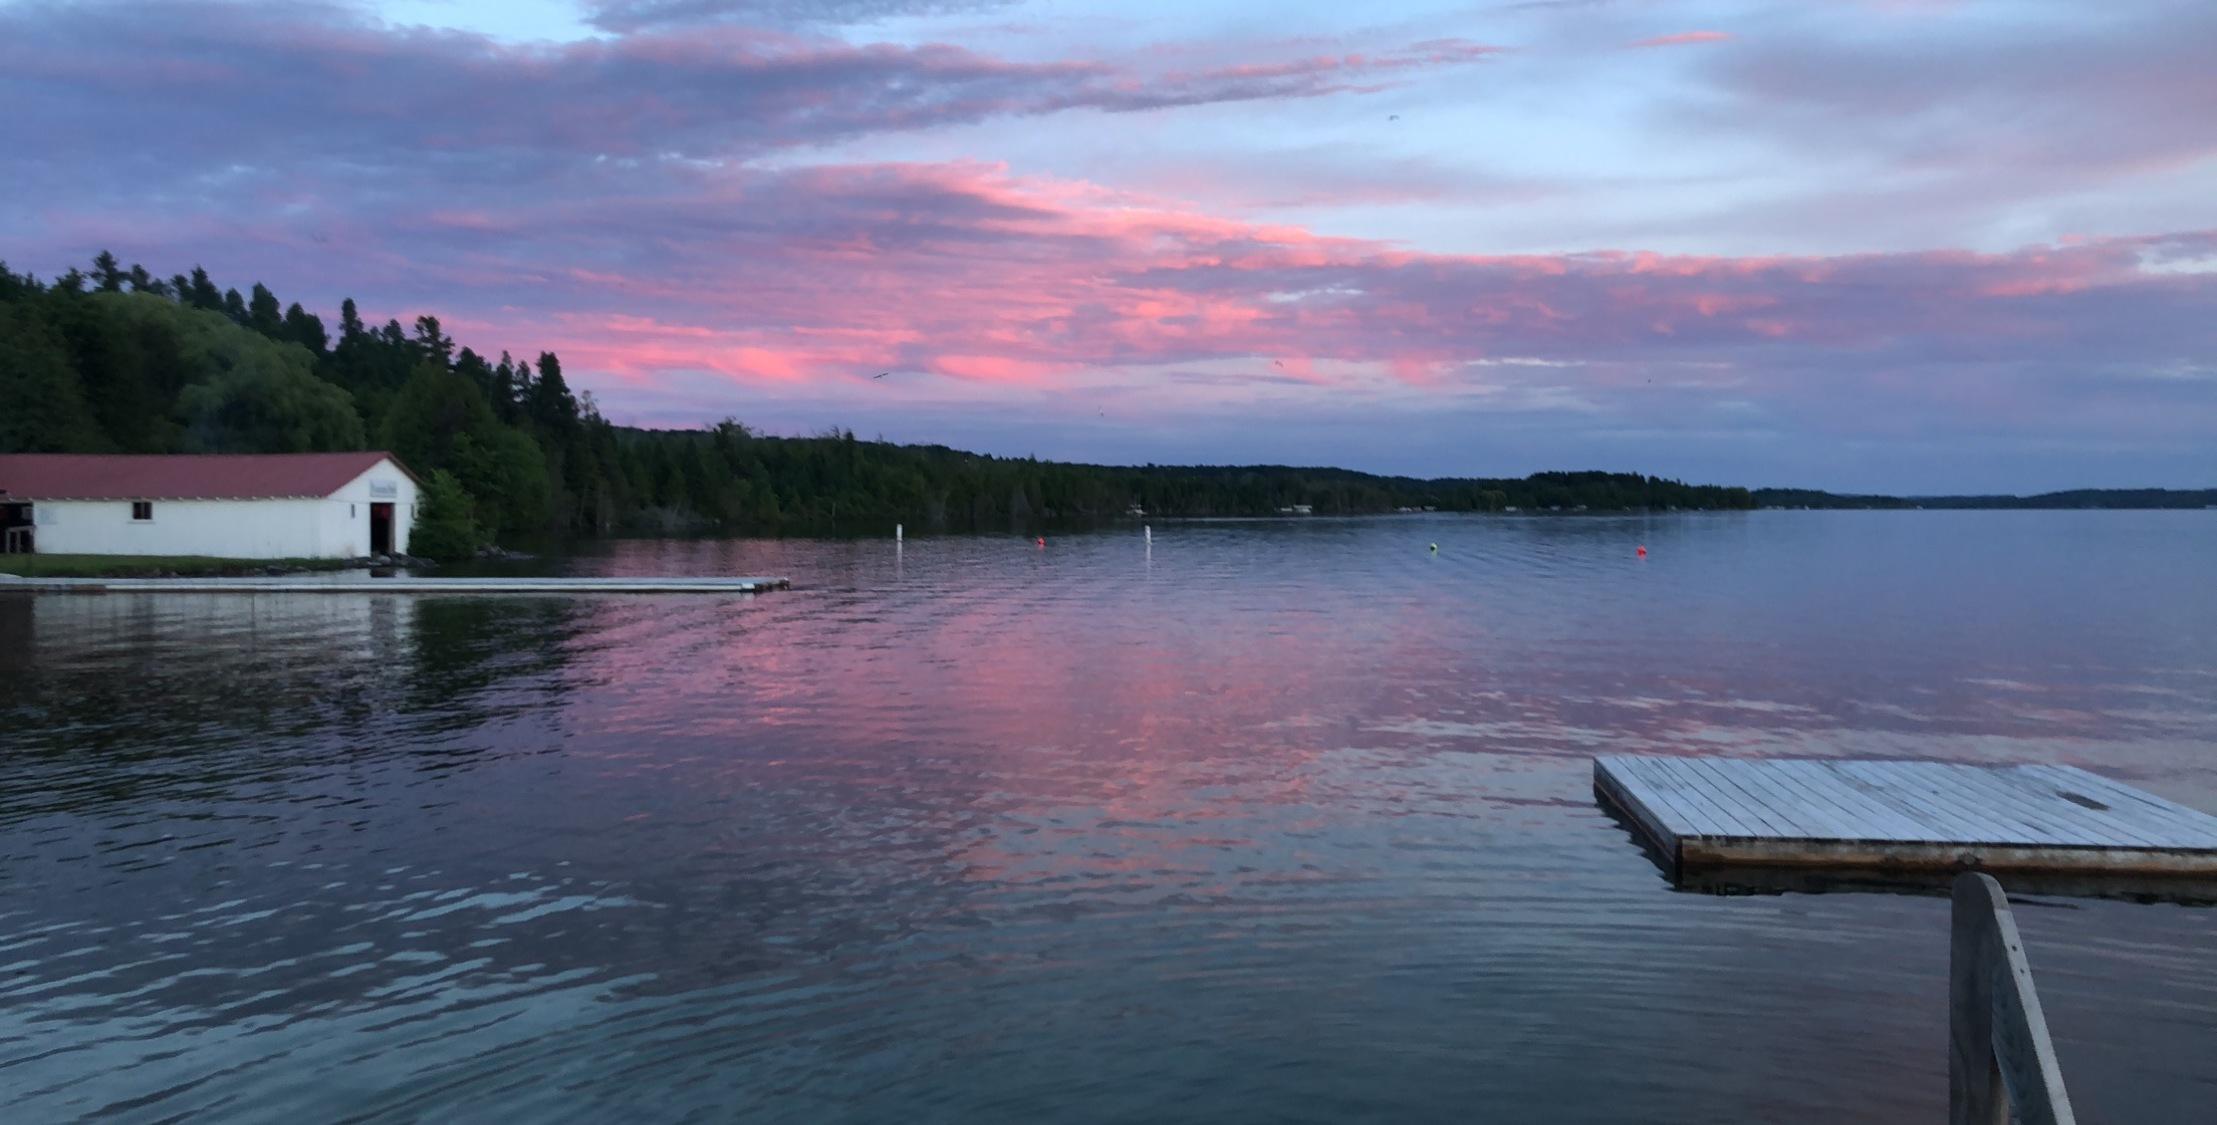 Lake Leelanau at sunset.